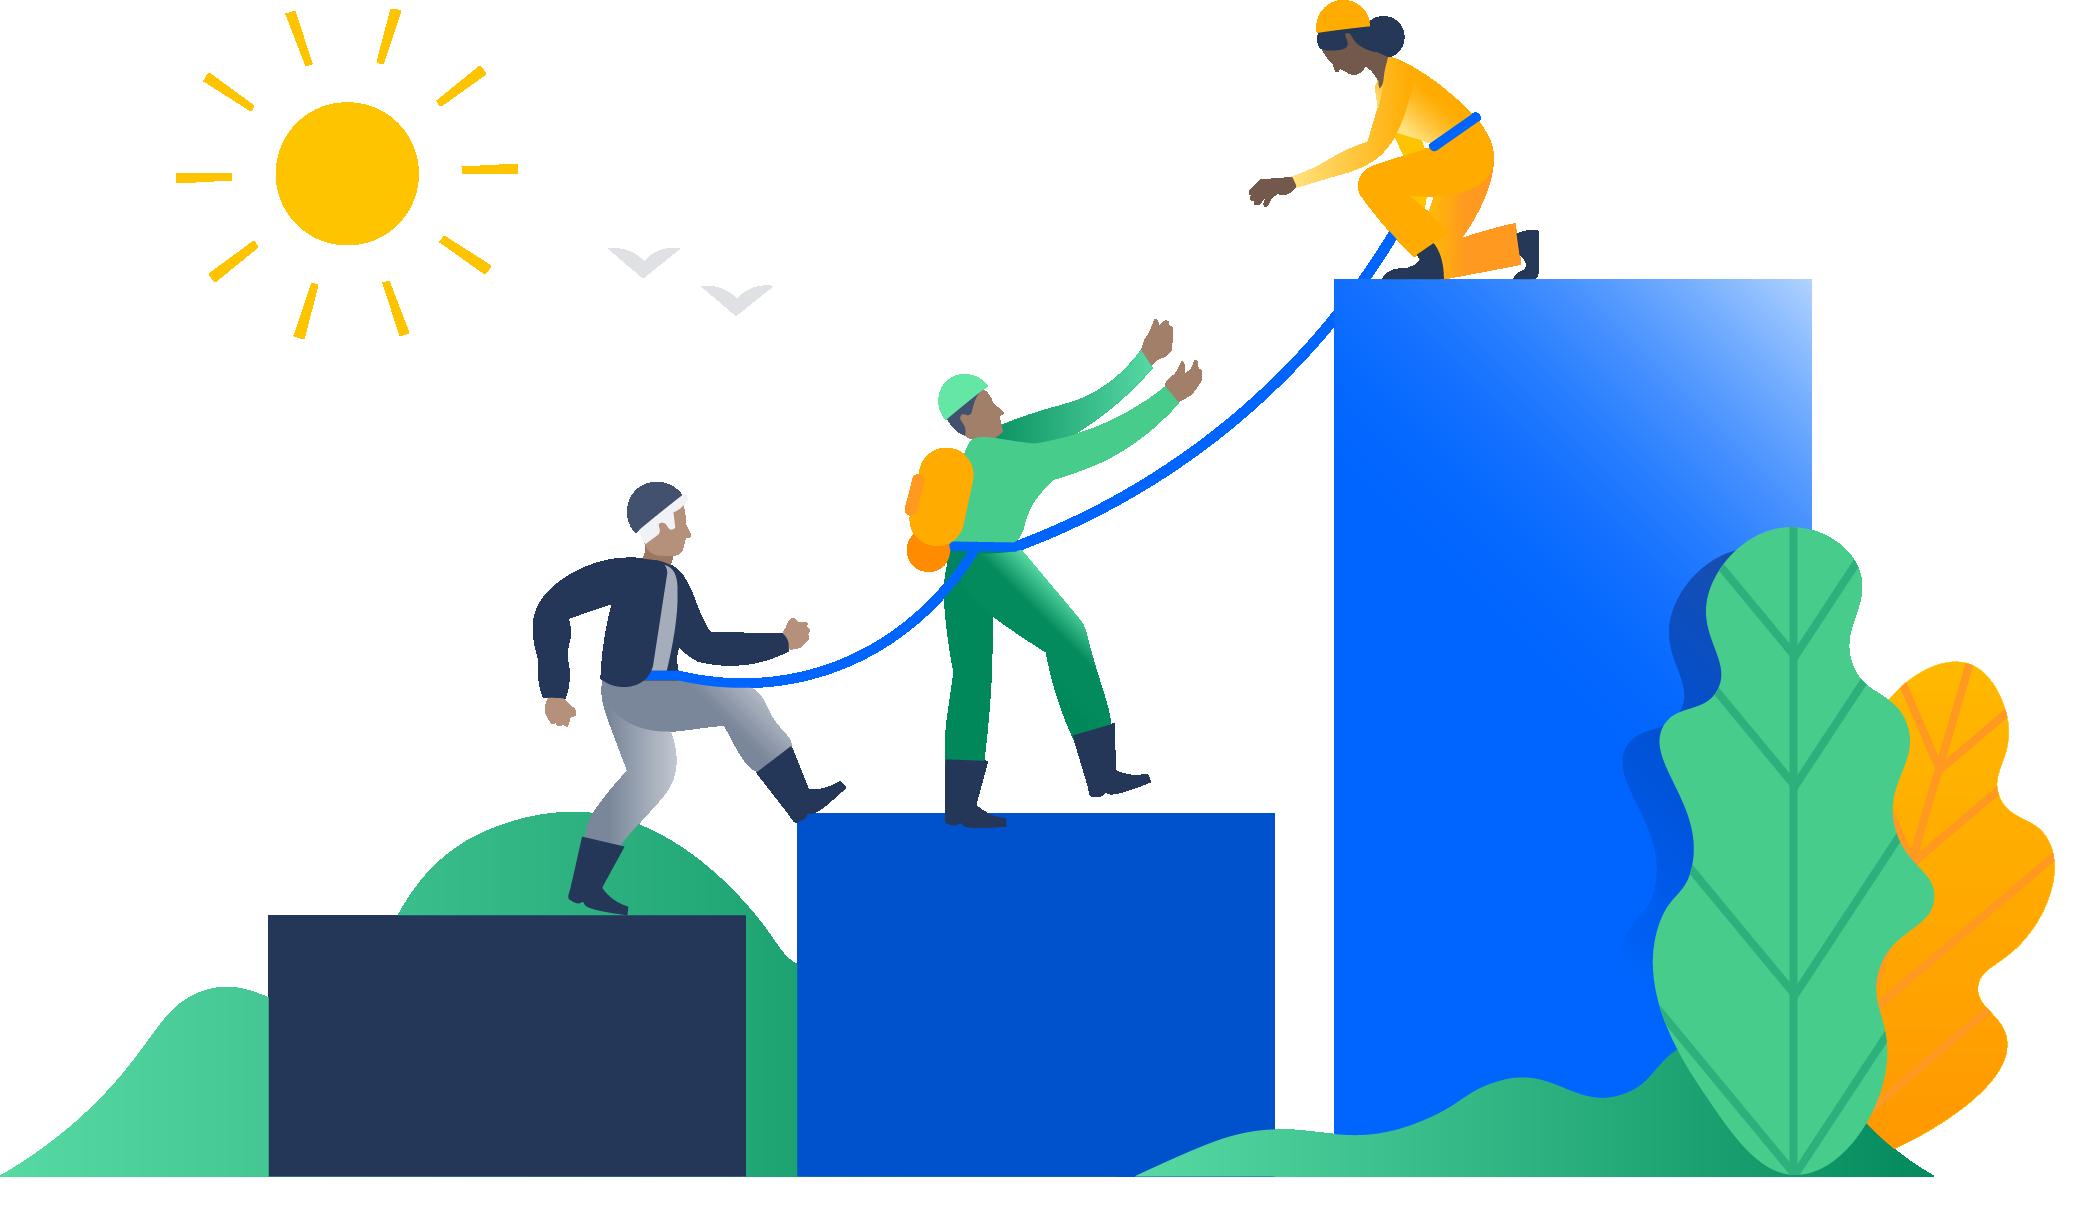 Consejos para la gestión de proyectos grandes, difíciles y complejos